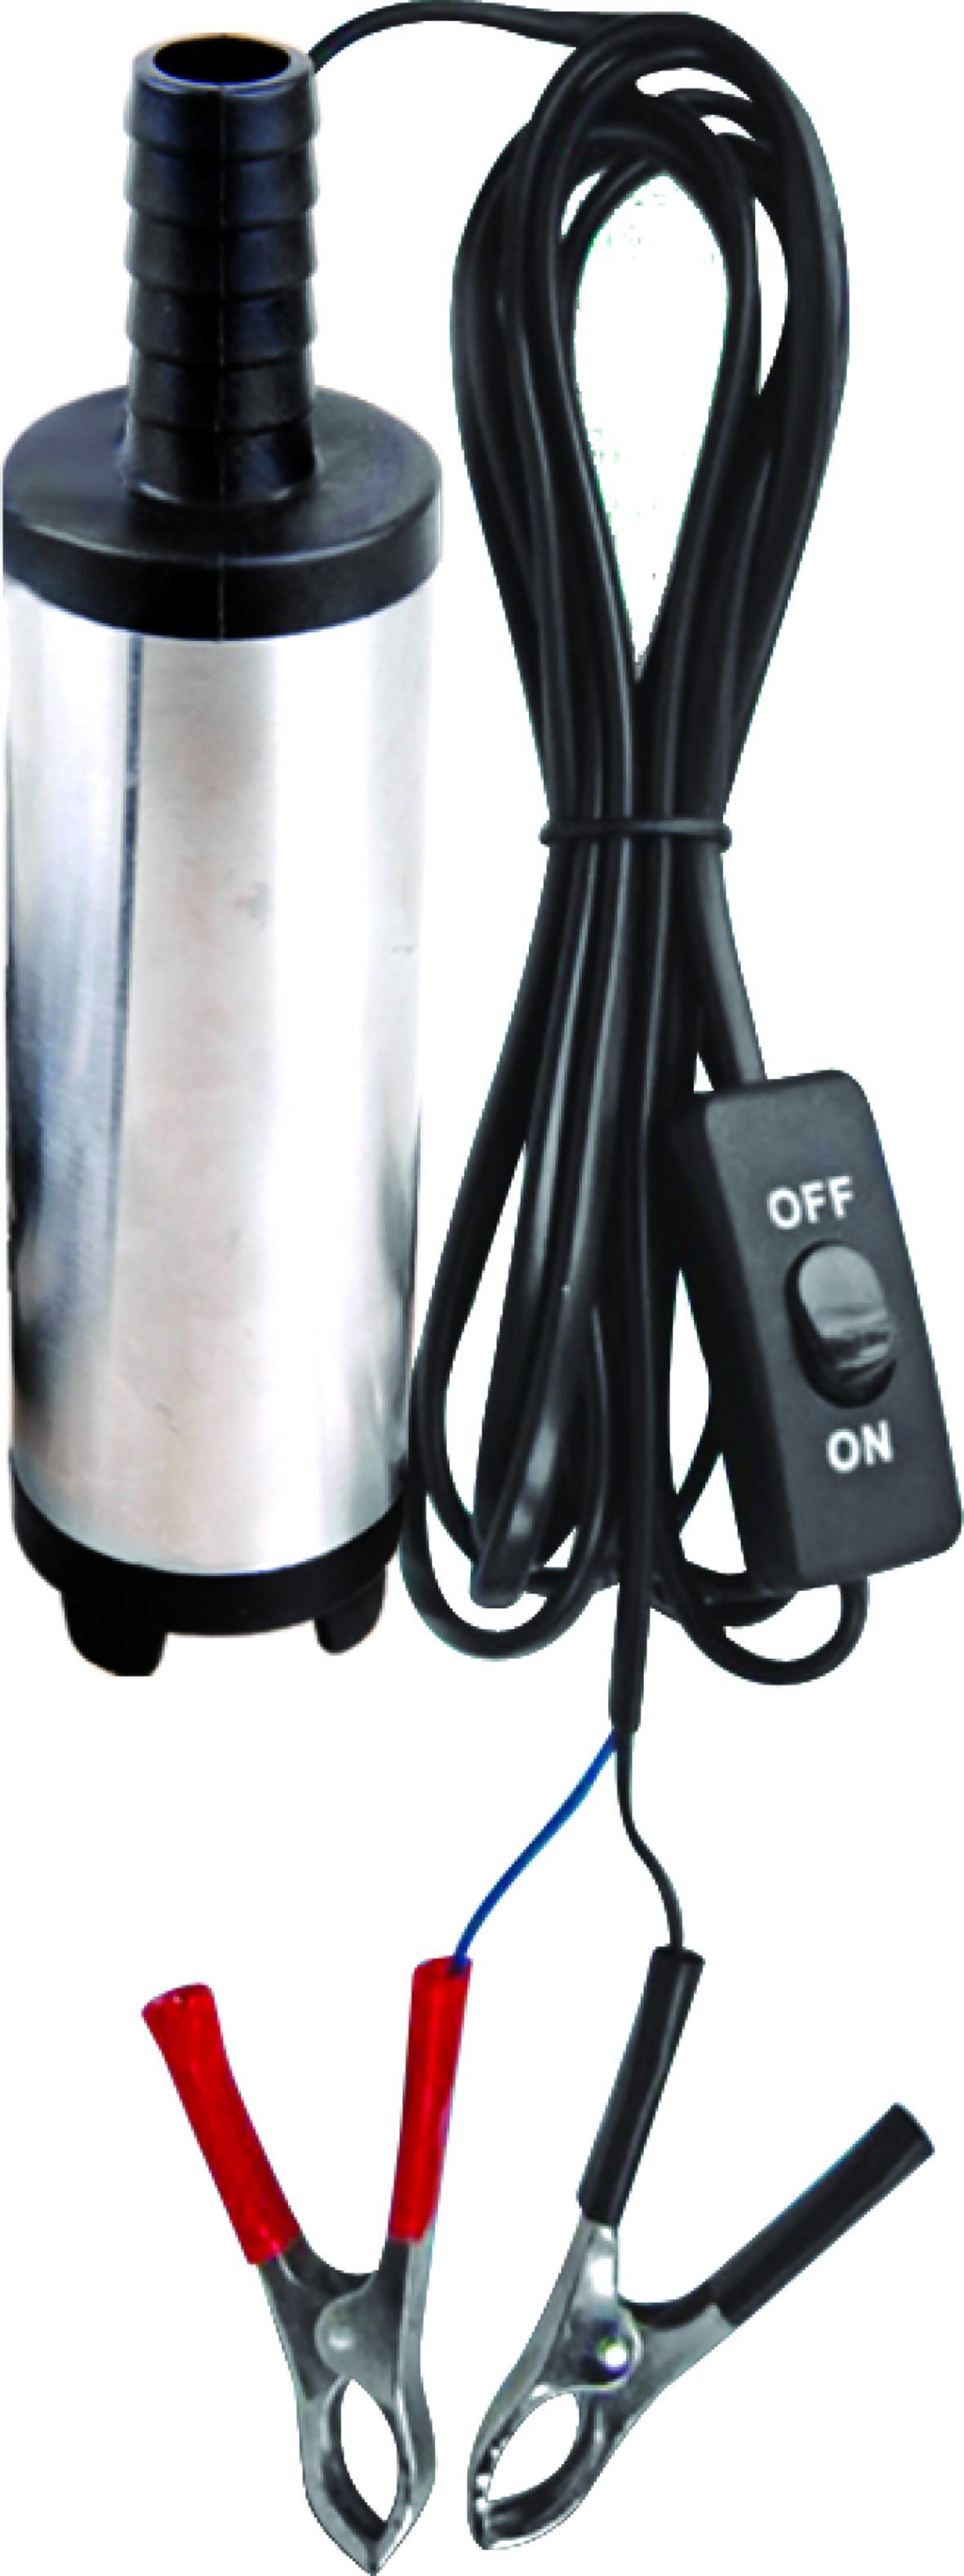 Насос ТОП АВТО ТА-38С/24 насос для гсм топ авто 24в с фильтром с сеточкой та 51с 24 диаметр 51 мм